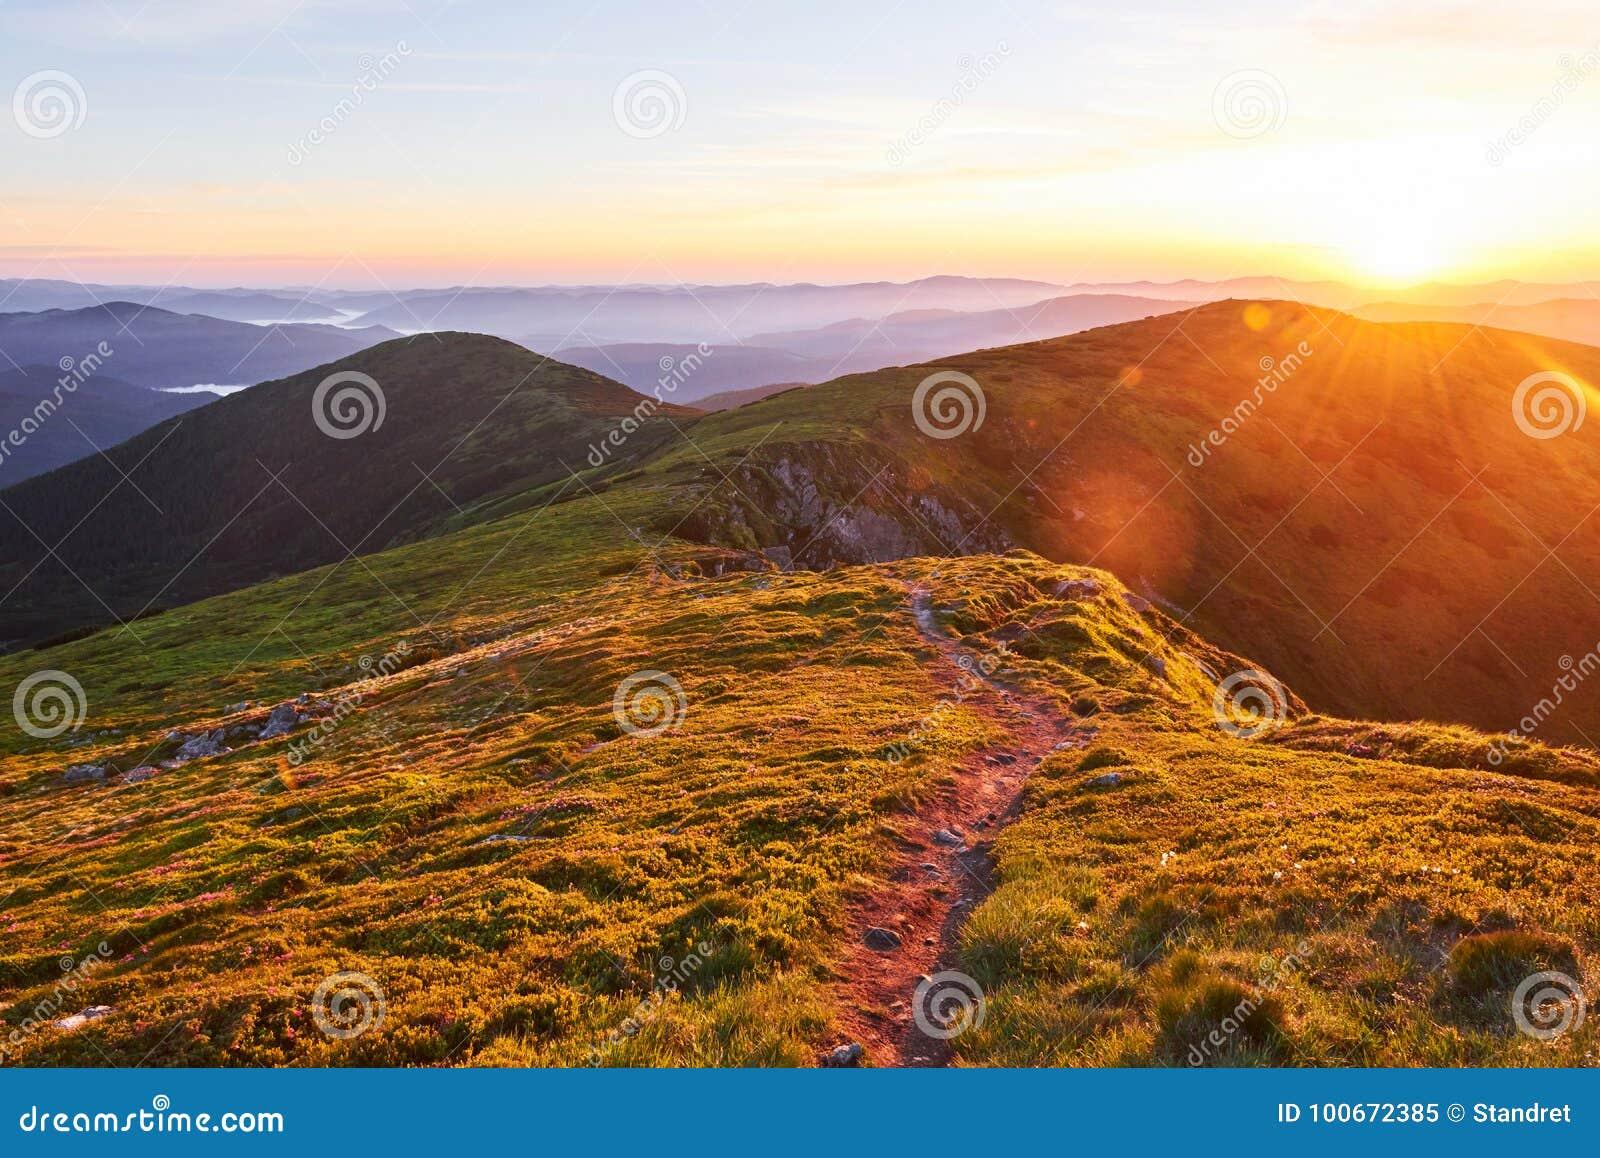 Różaneczniki kwitną w pięknej lokaci w górach piękny zachód słońca Kwitnący różaneczniki w górach